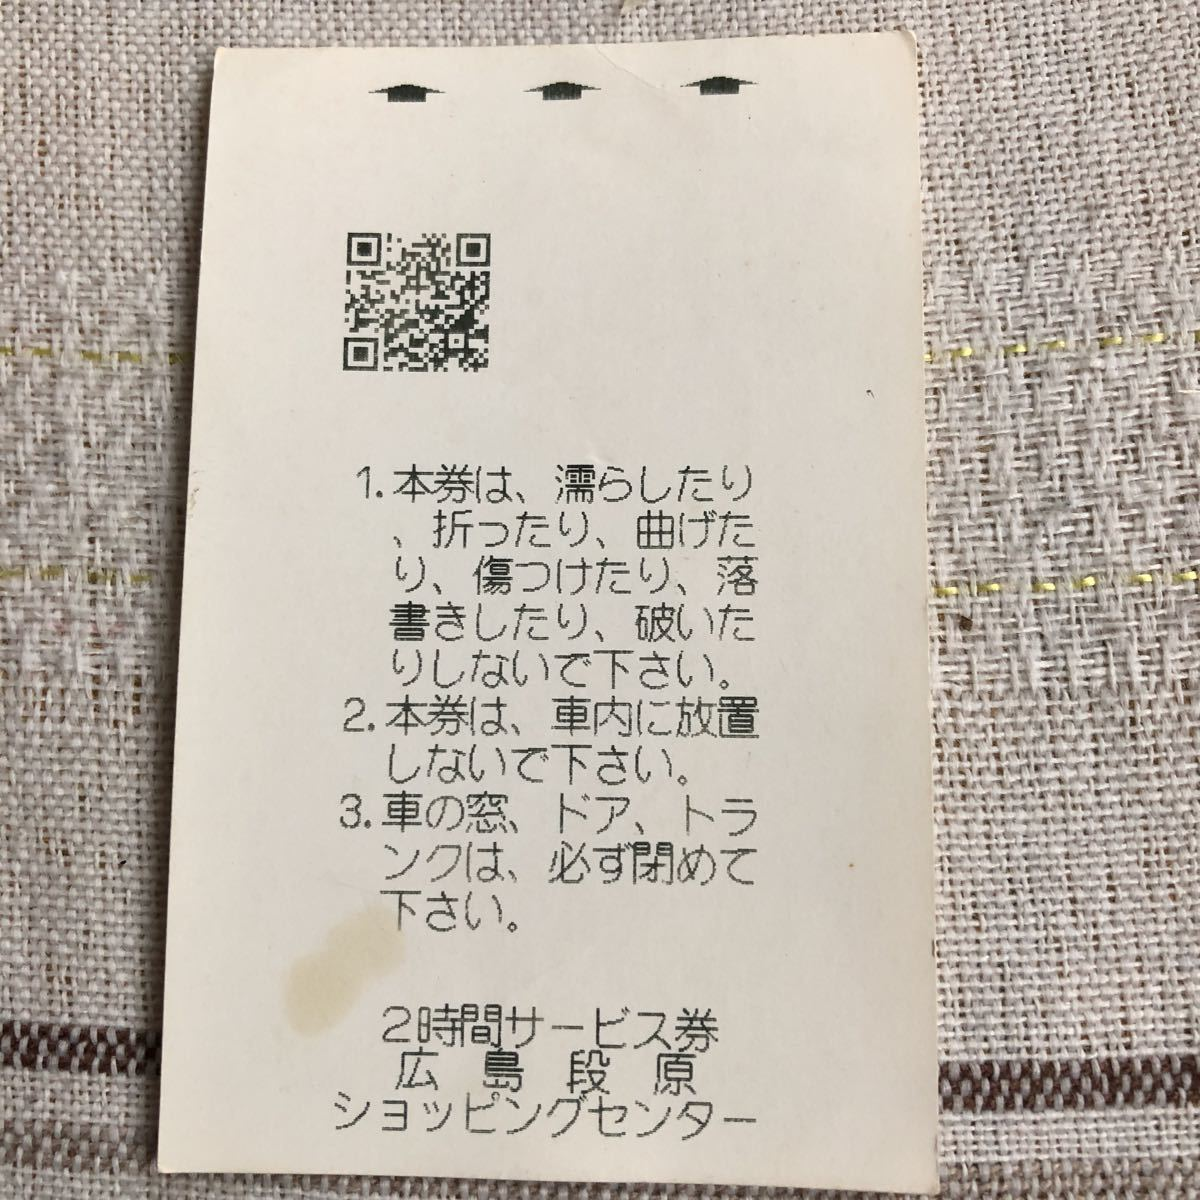 イオン 映画 段原